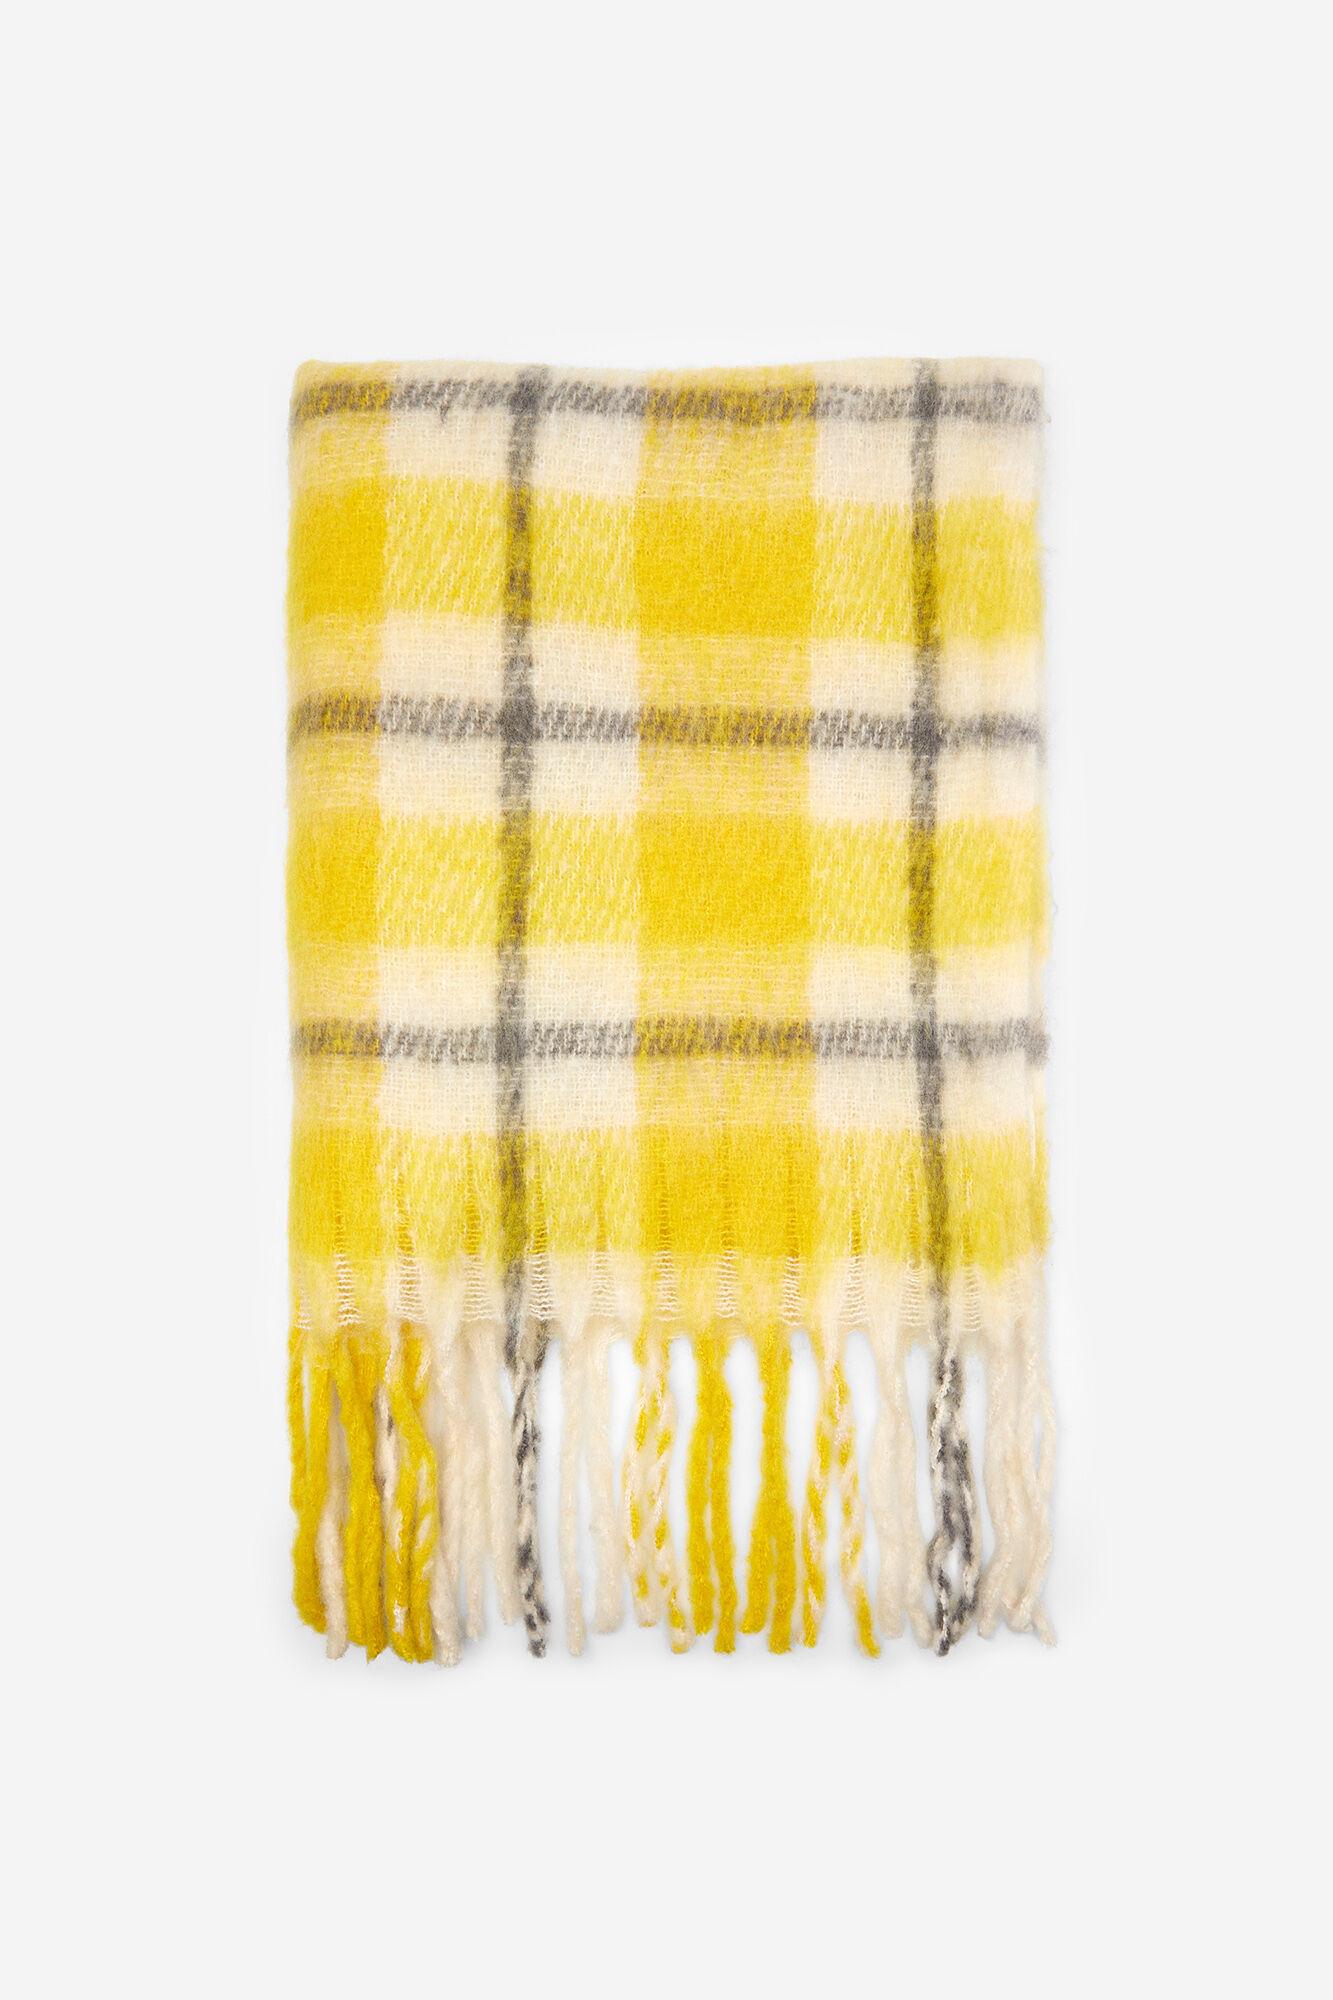 Genieße den niedrigsten Preis professionelle Website hochwertiges Design Schal kariert | Accessories | Springfield Man & Woman